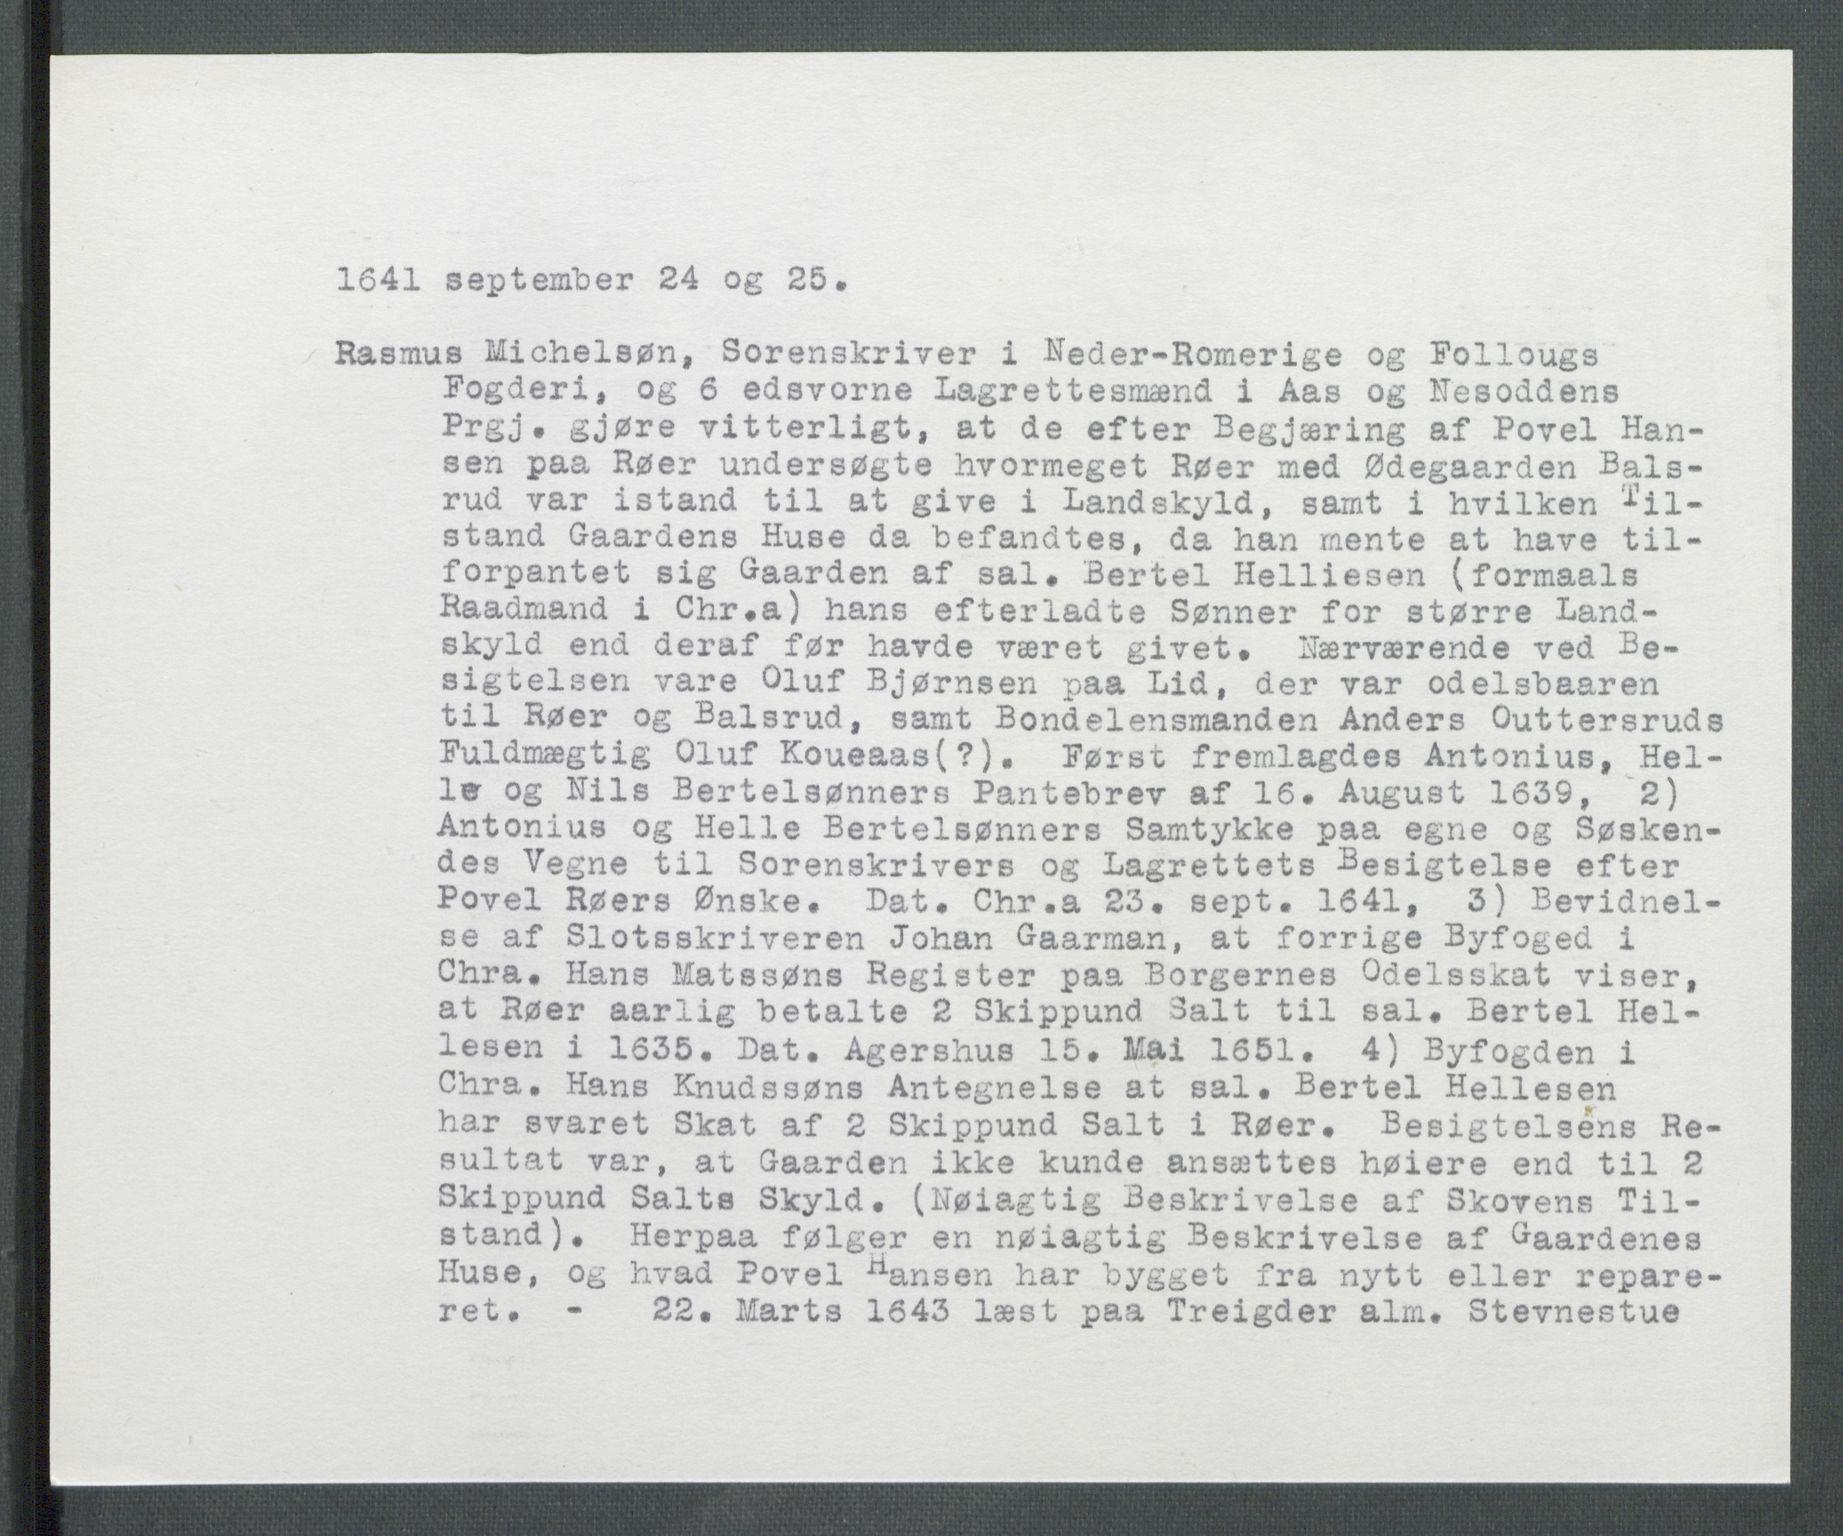 RA, Riksarkivets diplomsamling, F02/L0154: Dokumenter, 1641, s. 43